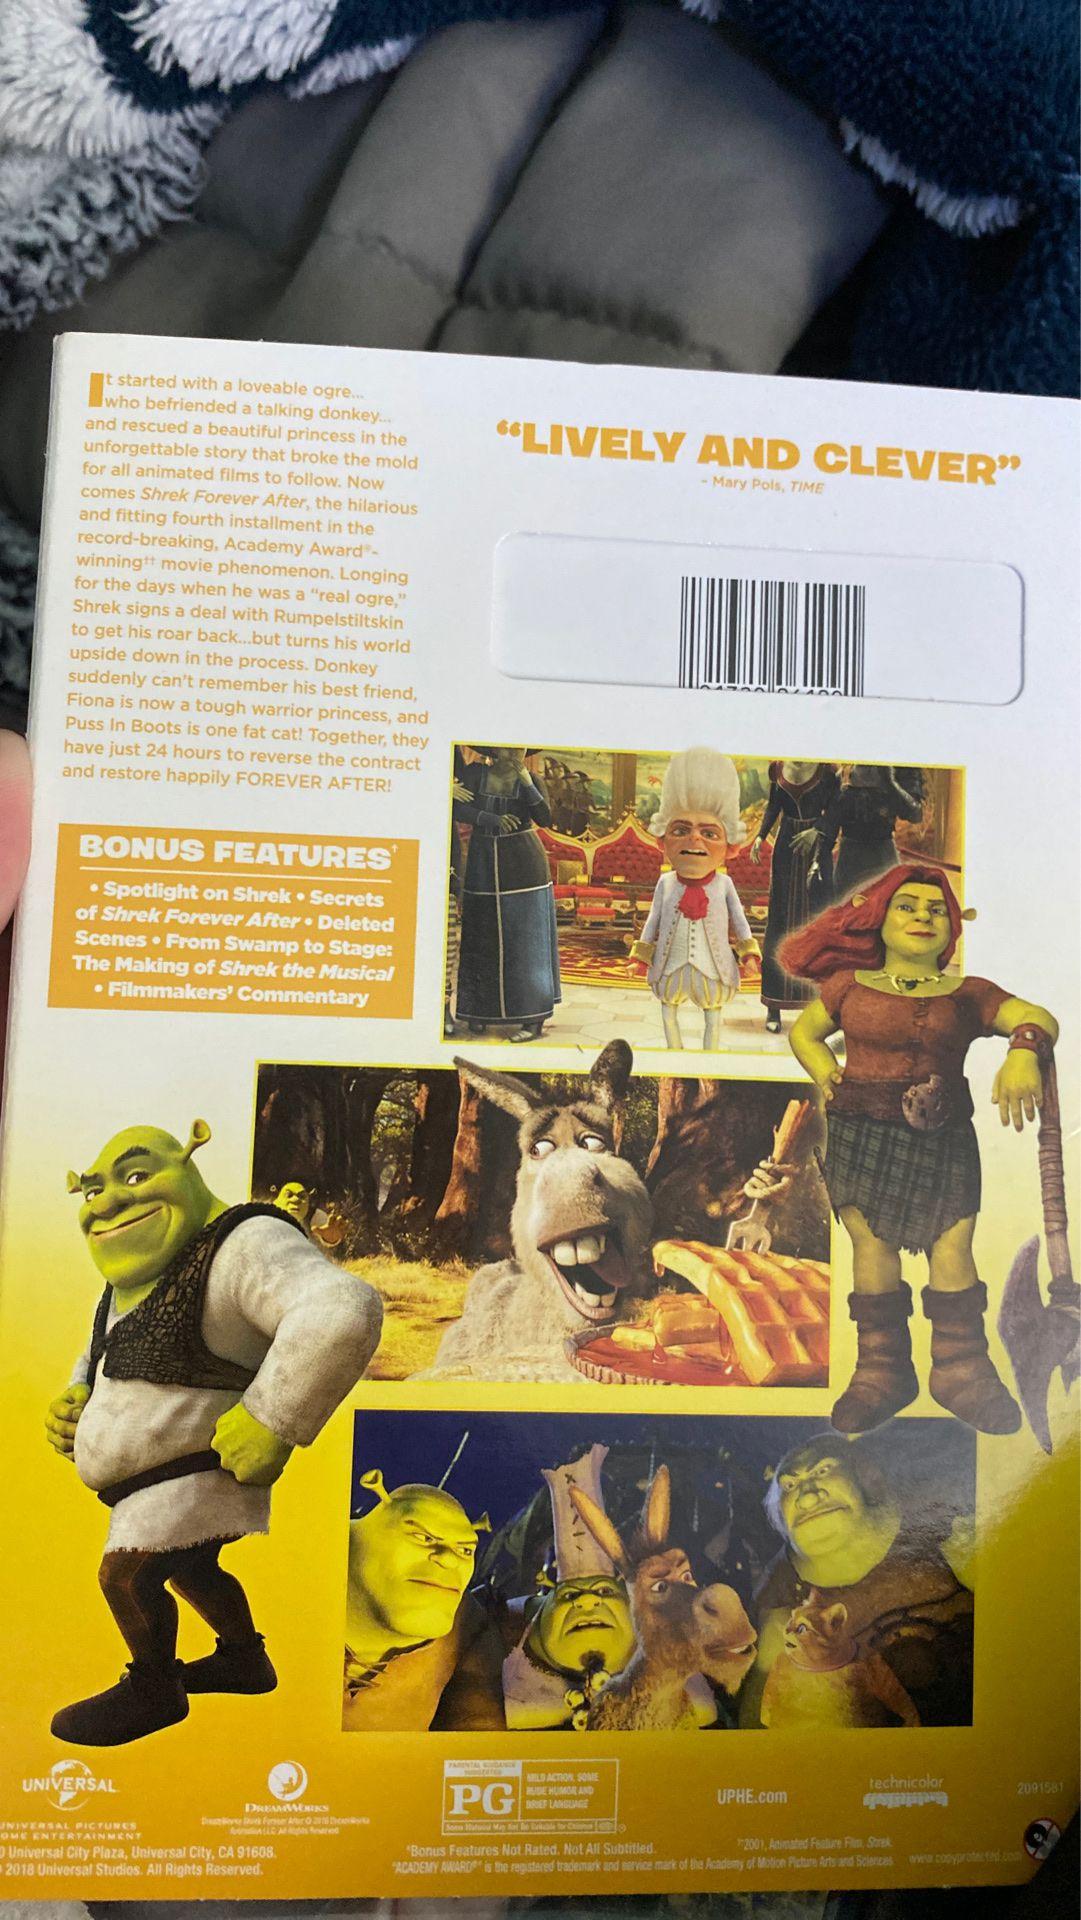 Shrek Forever After Movie!